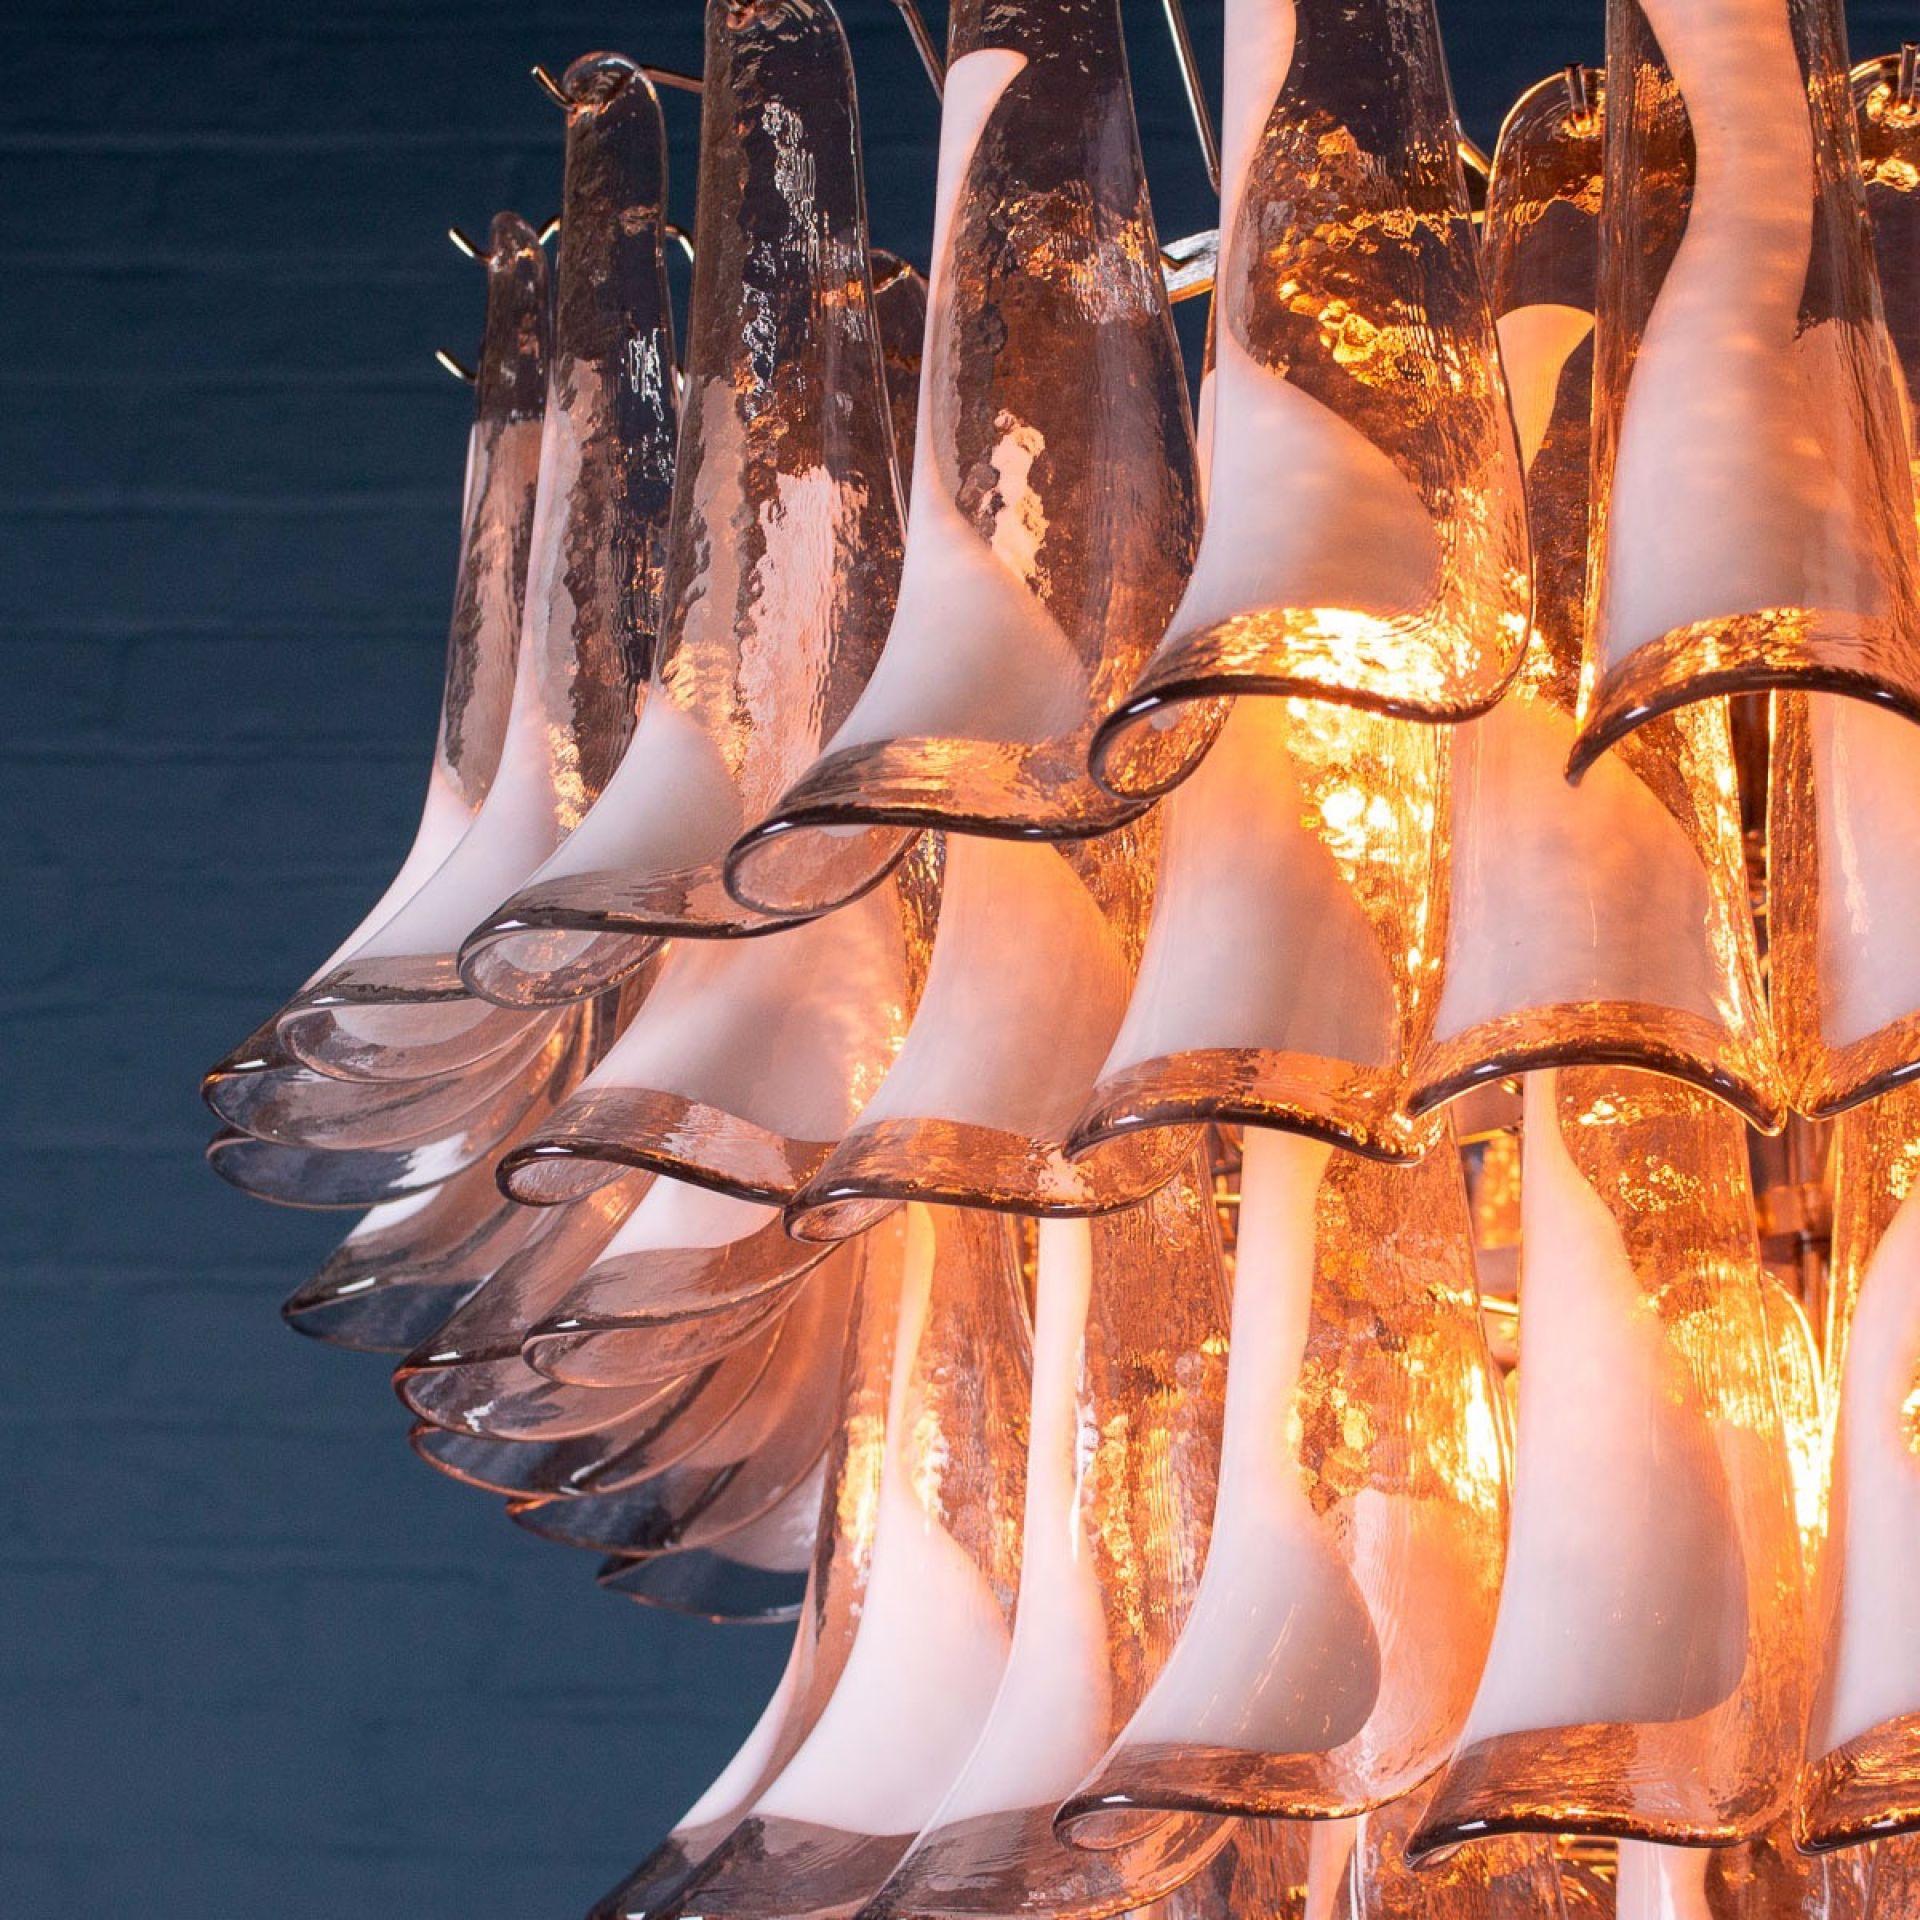 SPECTACULAR 20thC 7-TIER TULIP PETAL VENETIAN GLASS CHANDELIER